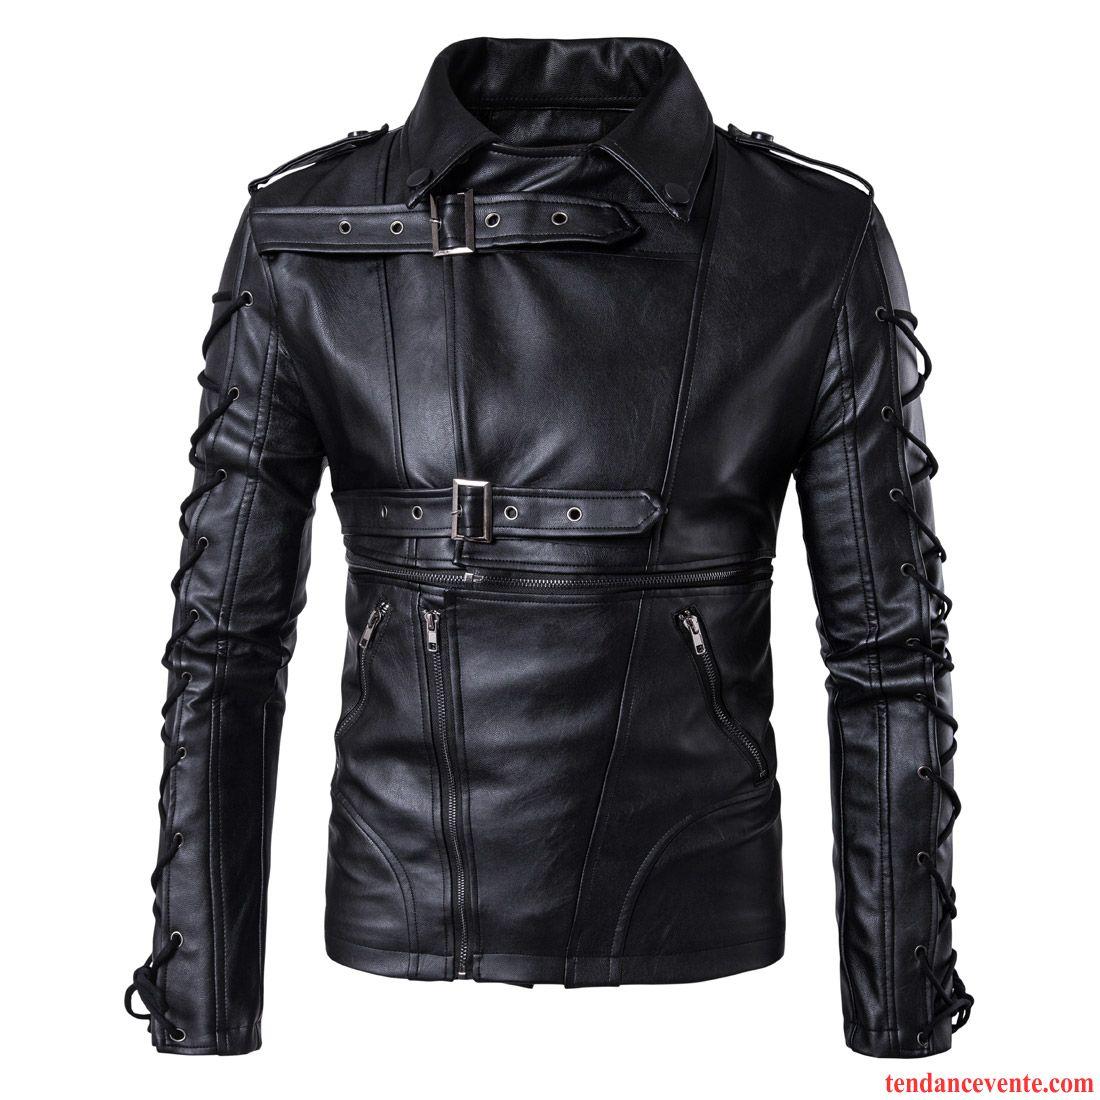 Vestes En Cuir Homme Mode Pardessus Printemps Personnalité Tous Les Assortis Taillissime Noir